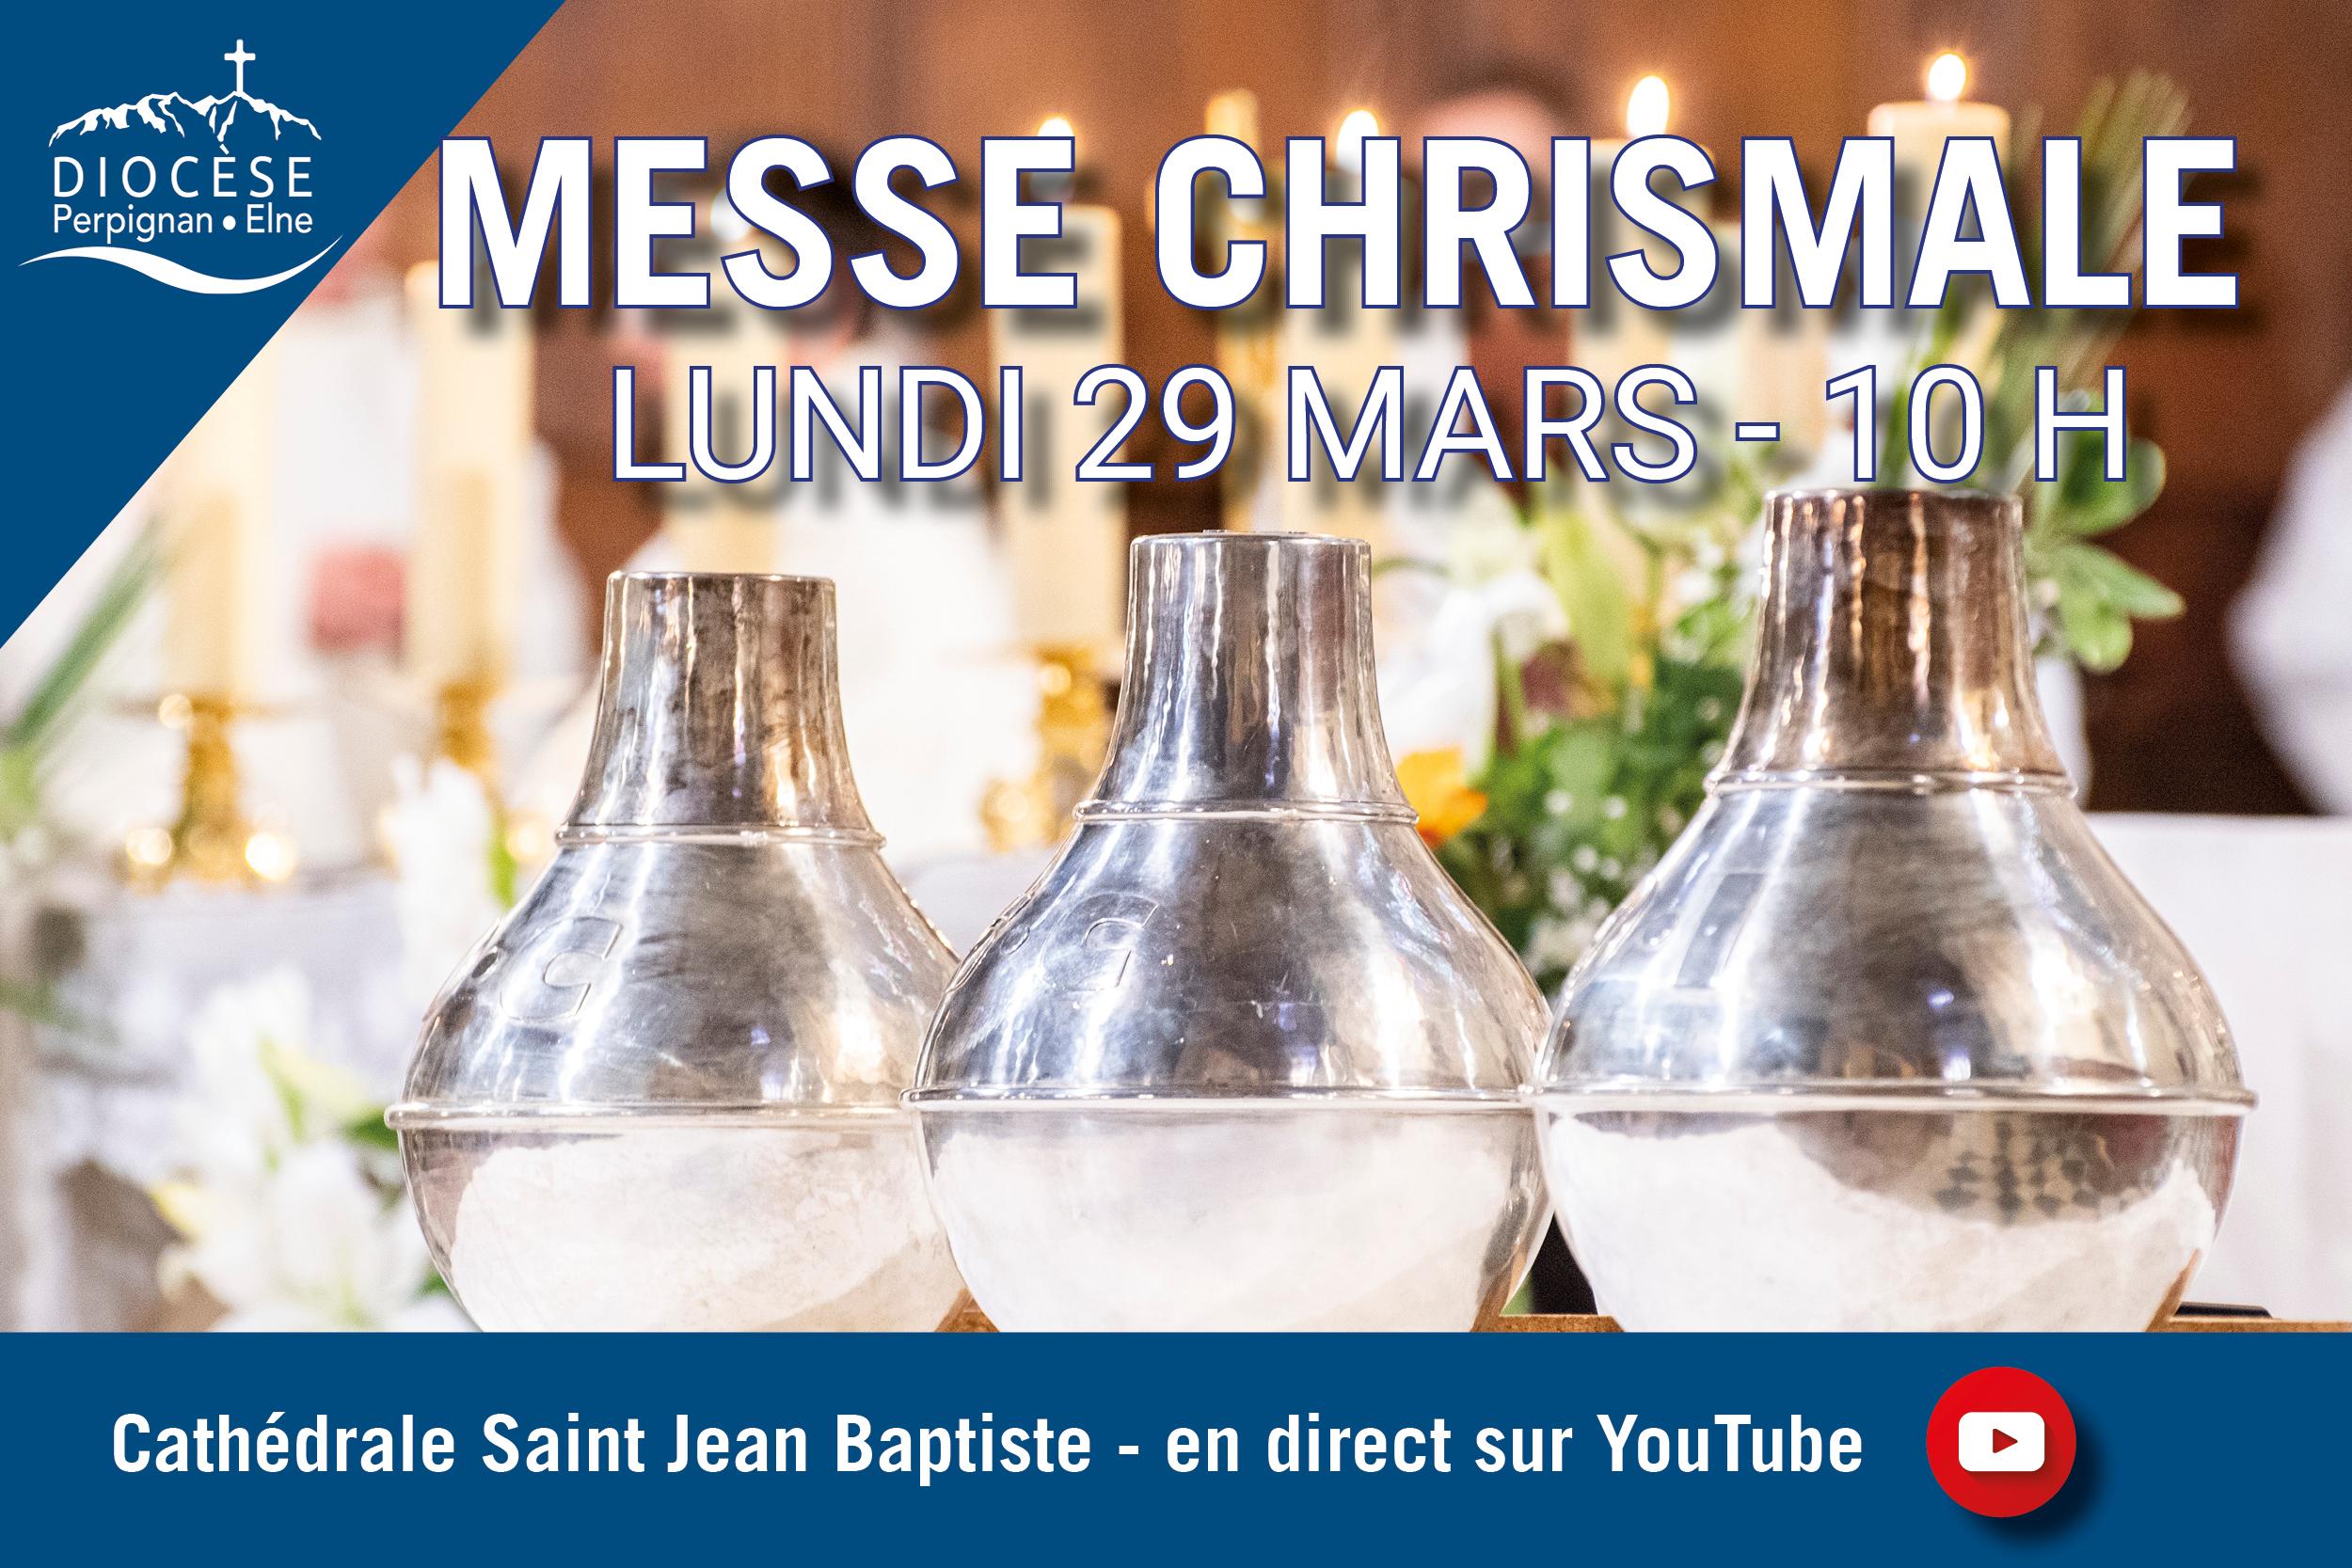 Suivez en direct la messe Chrismale à 10 h sur YouTube ce lundi